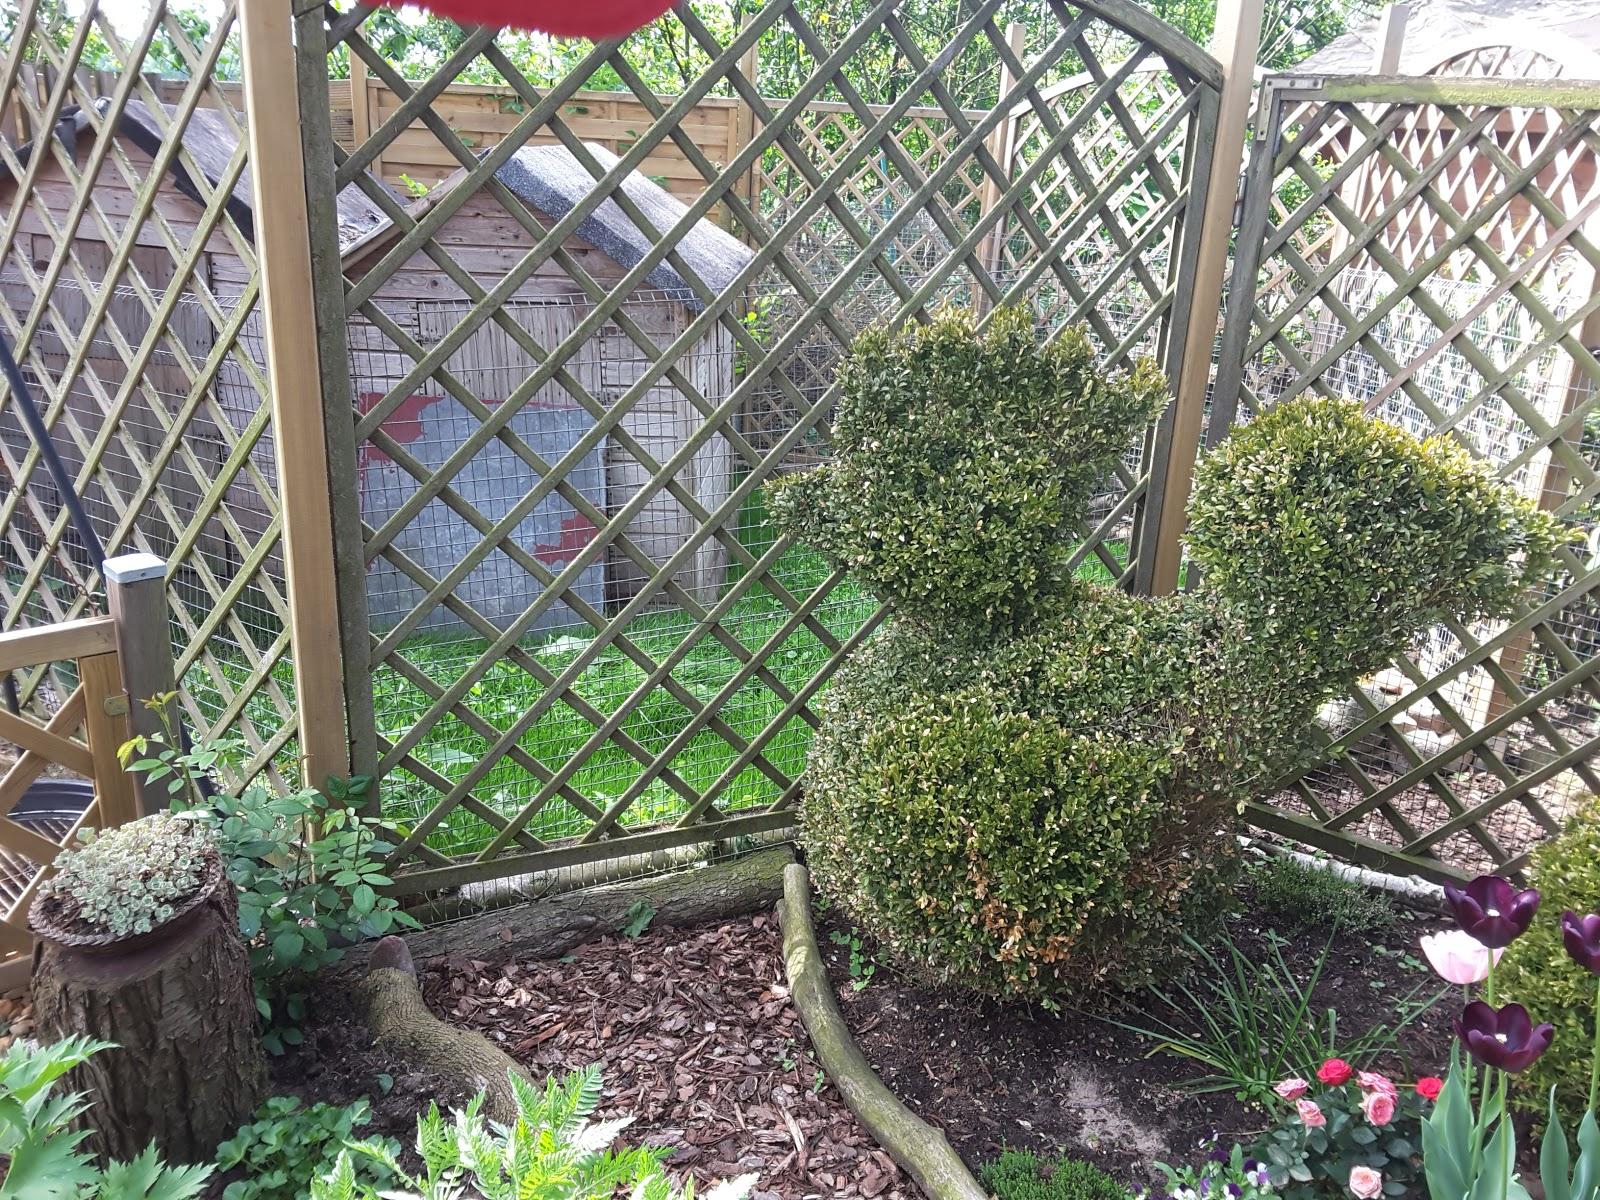 Frisch Schöne Gärten Schema